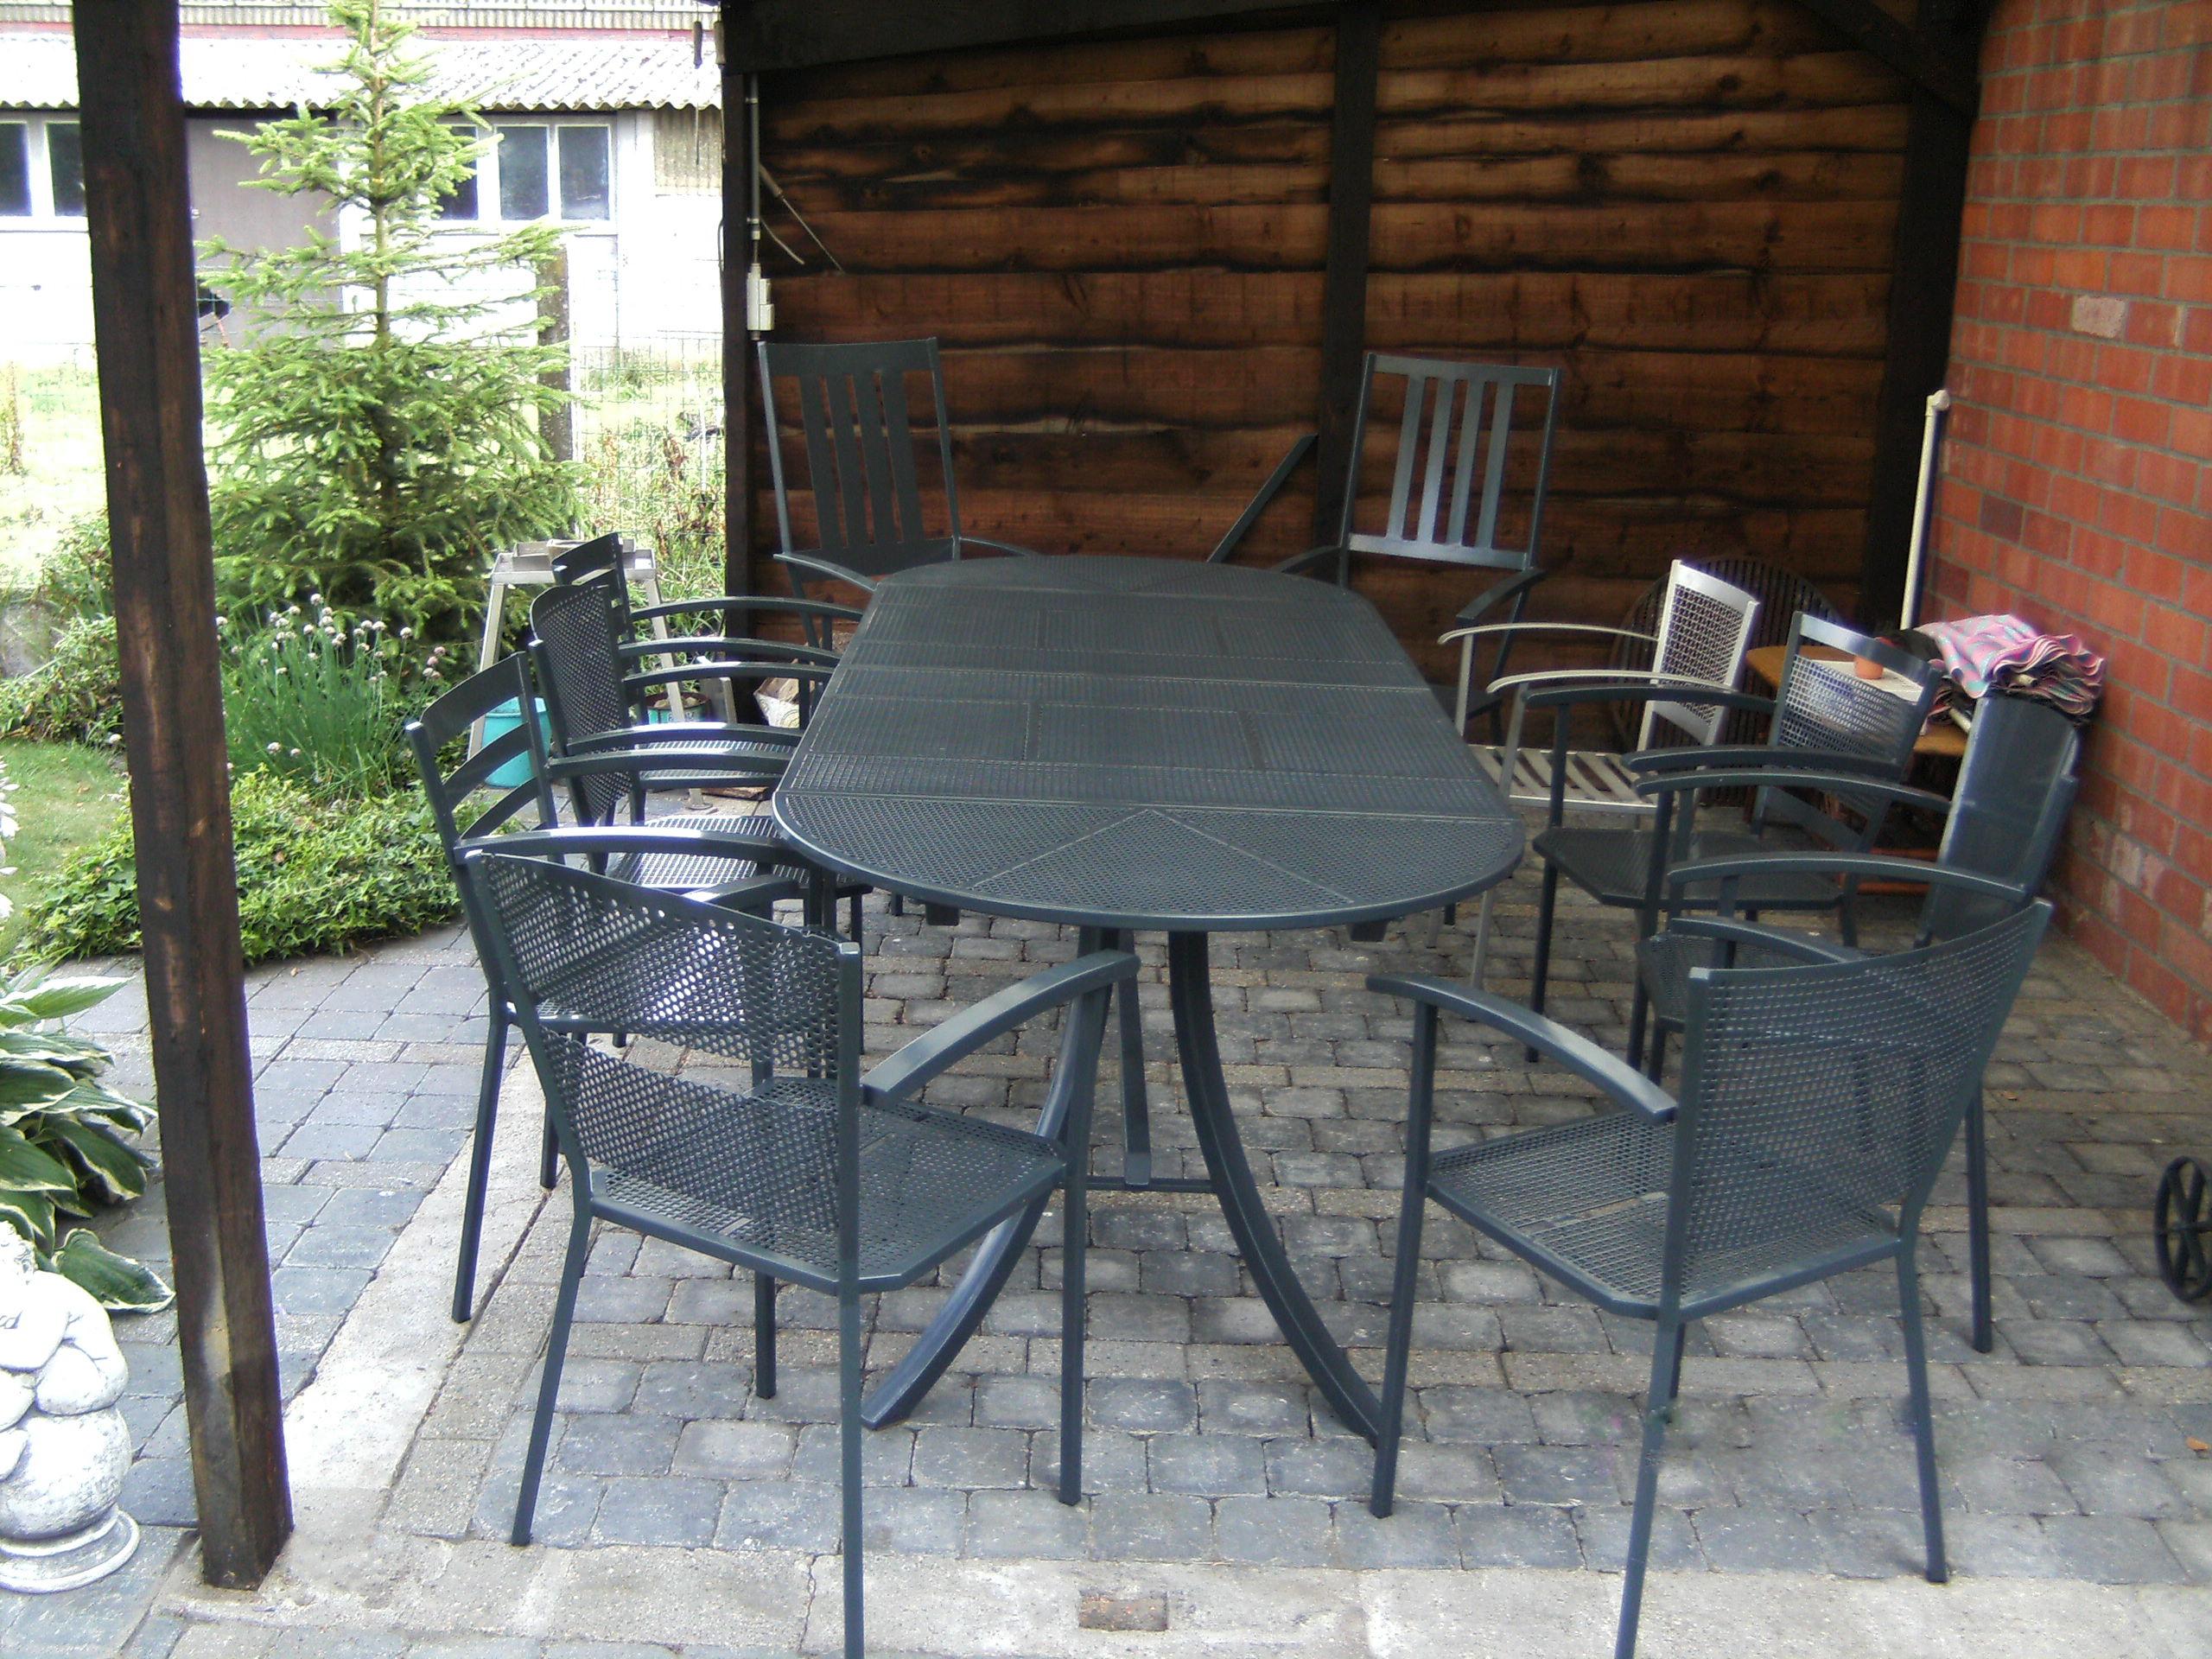 Tafels en stoelen - Glazen tafel gesmeed ijzer en stoelen ...